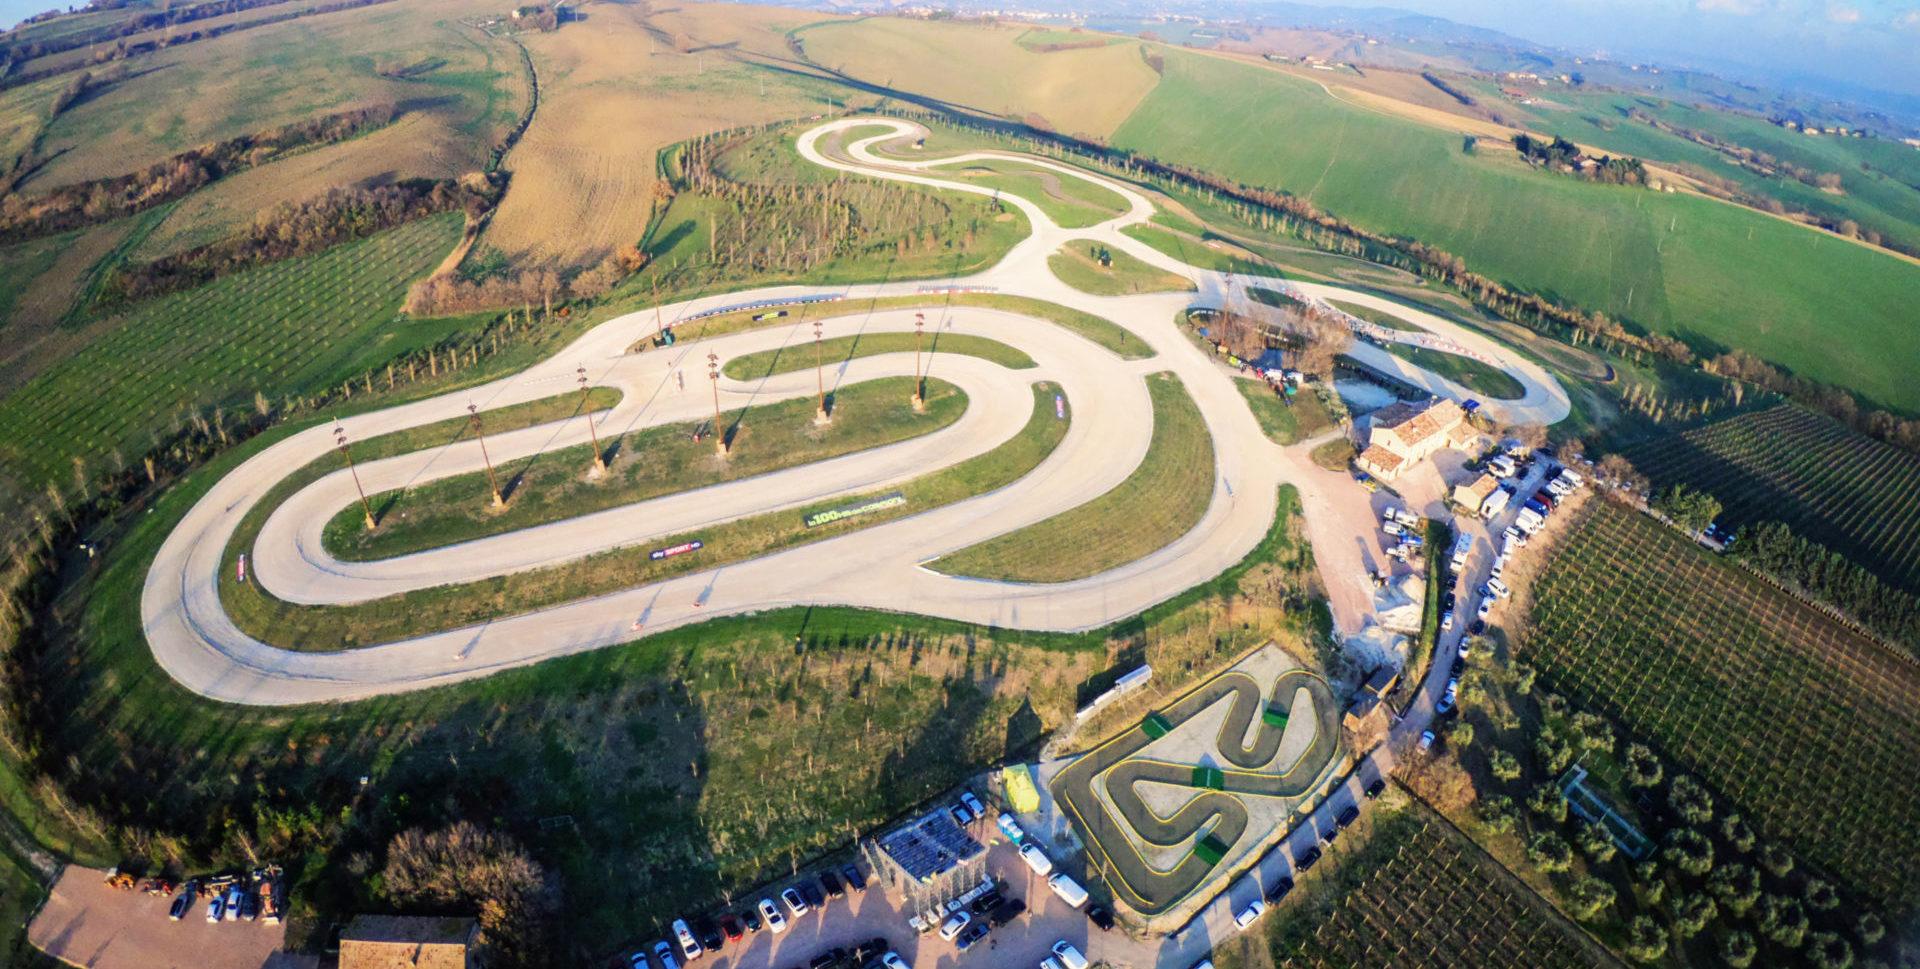 Valentino Rossi's VR46 Ranch in Italy. Photo courtesy Yamaha.